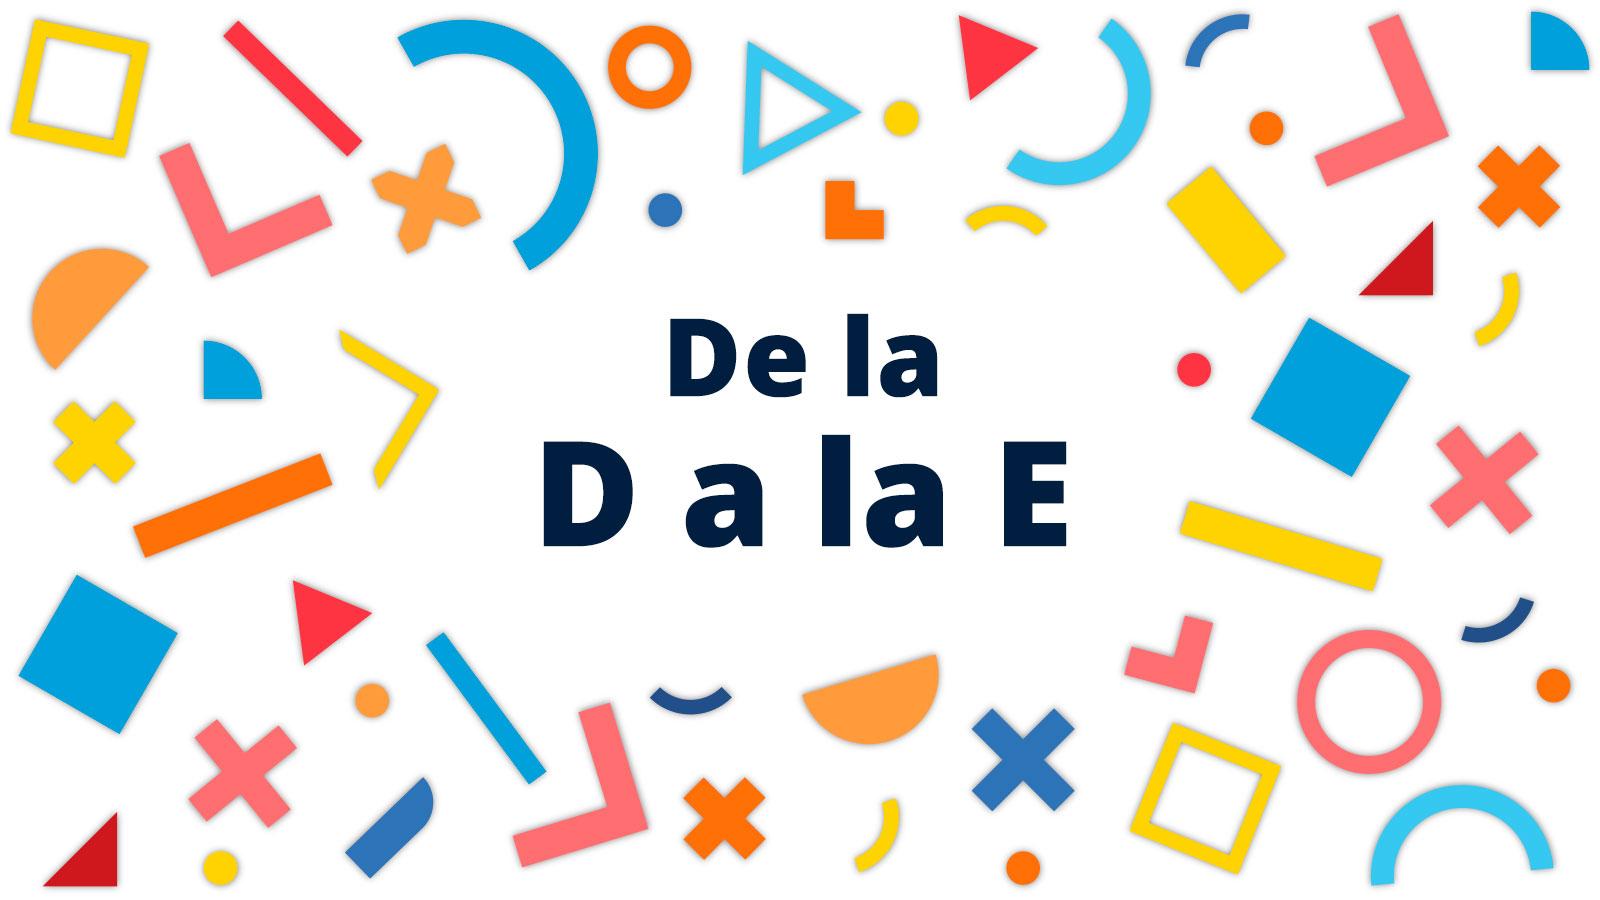 diccionario de dialogflow: conceptos de la D a la E